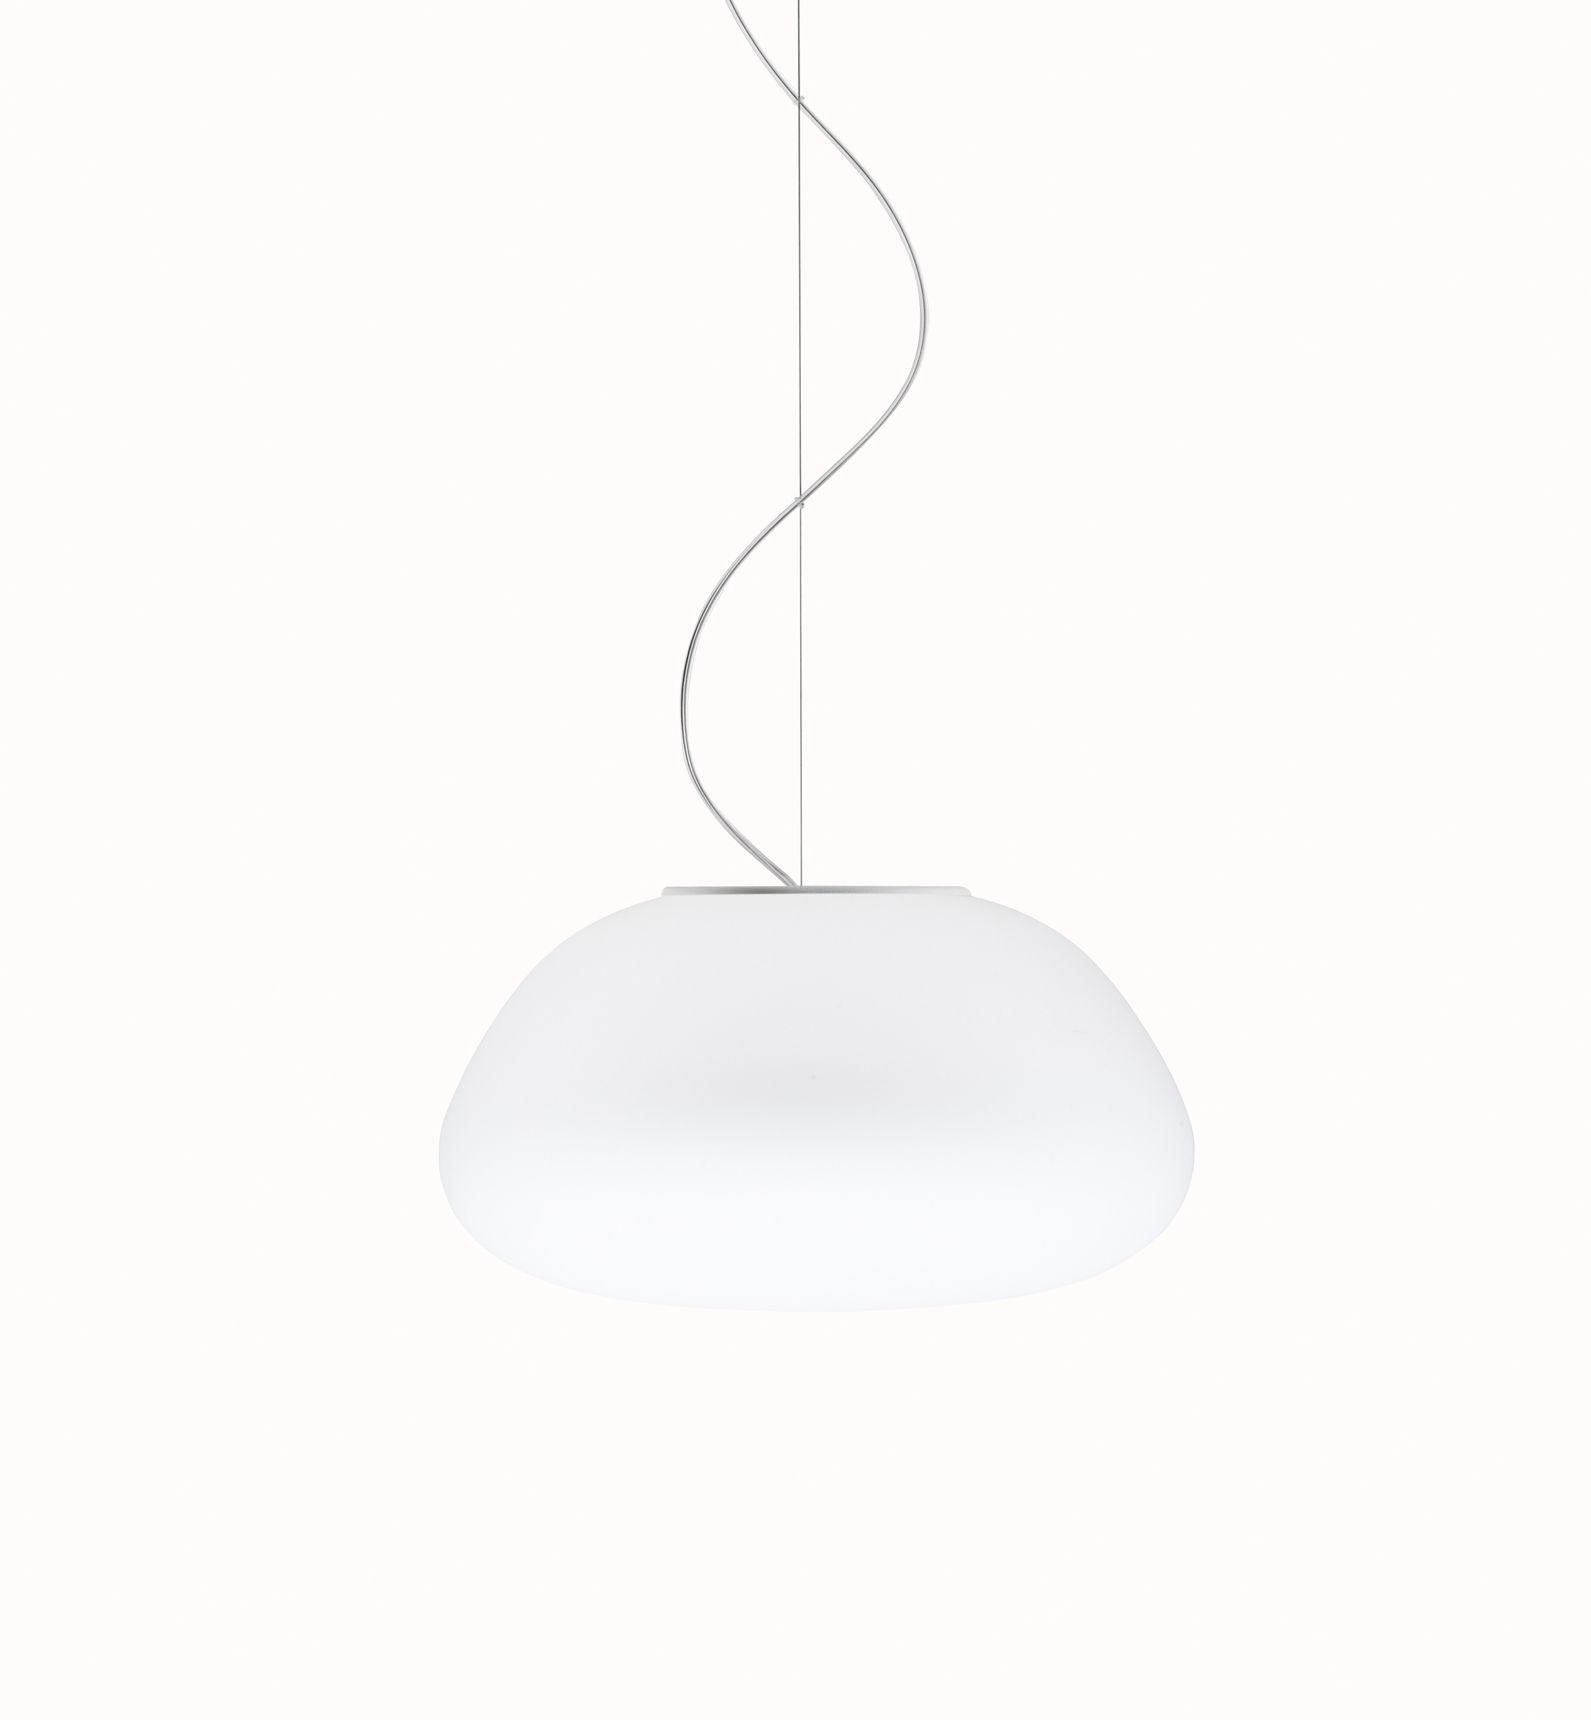 Leuchten - Pendelleuchten - Poga Pendelleuchte Ø 42 cm - Fabbian - Weiß - Glas